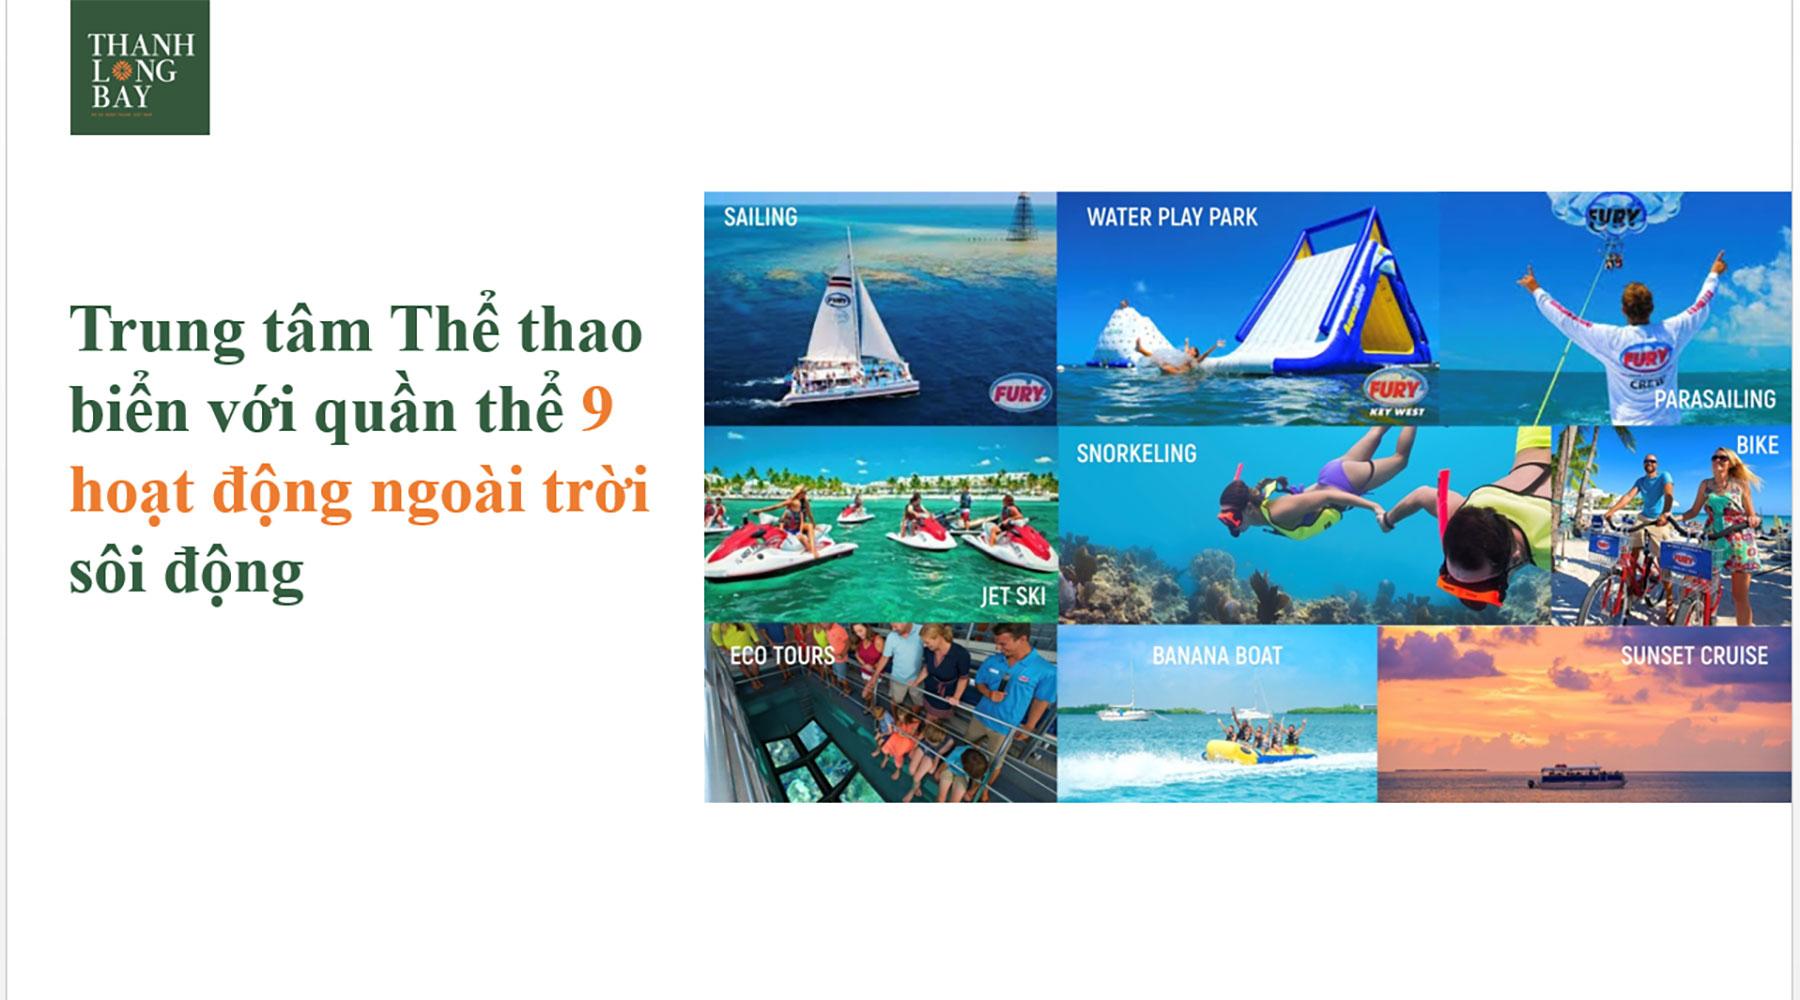 Tiện ích dự án Thanh Long Bay hình 02